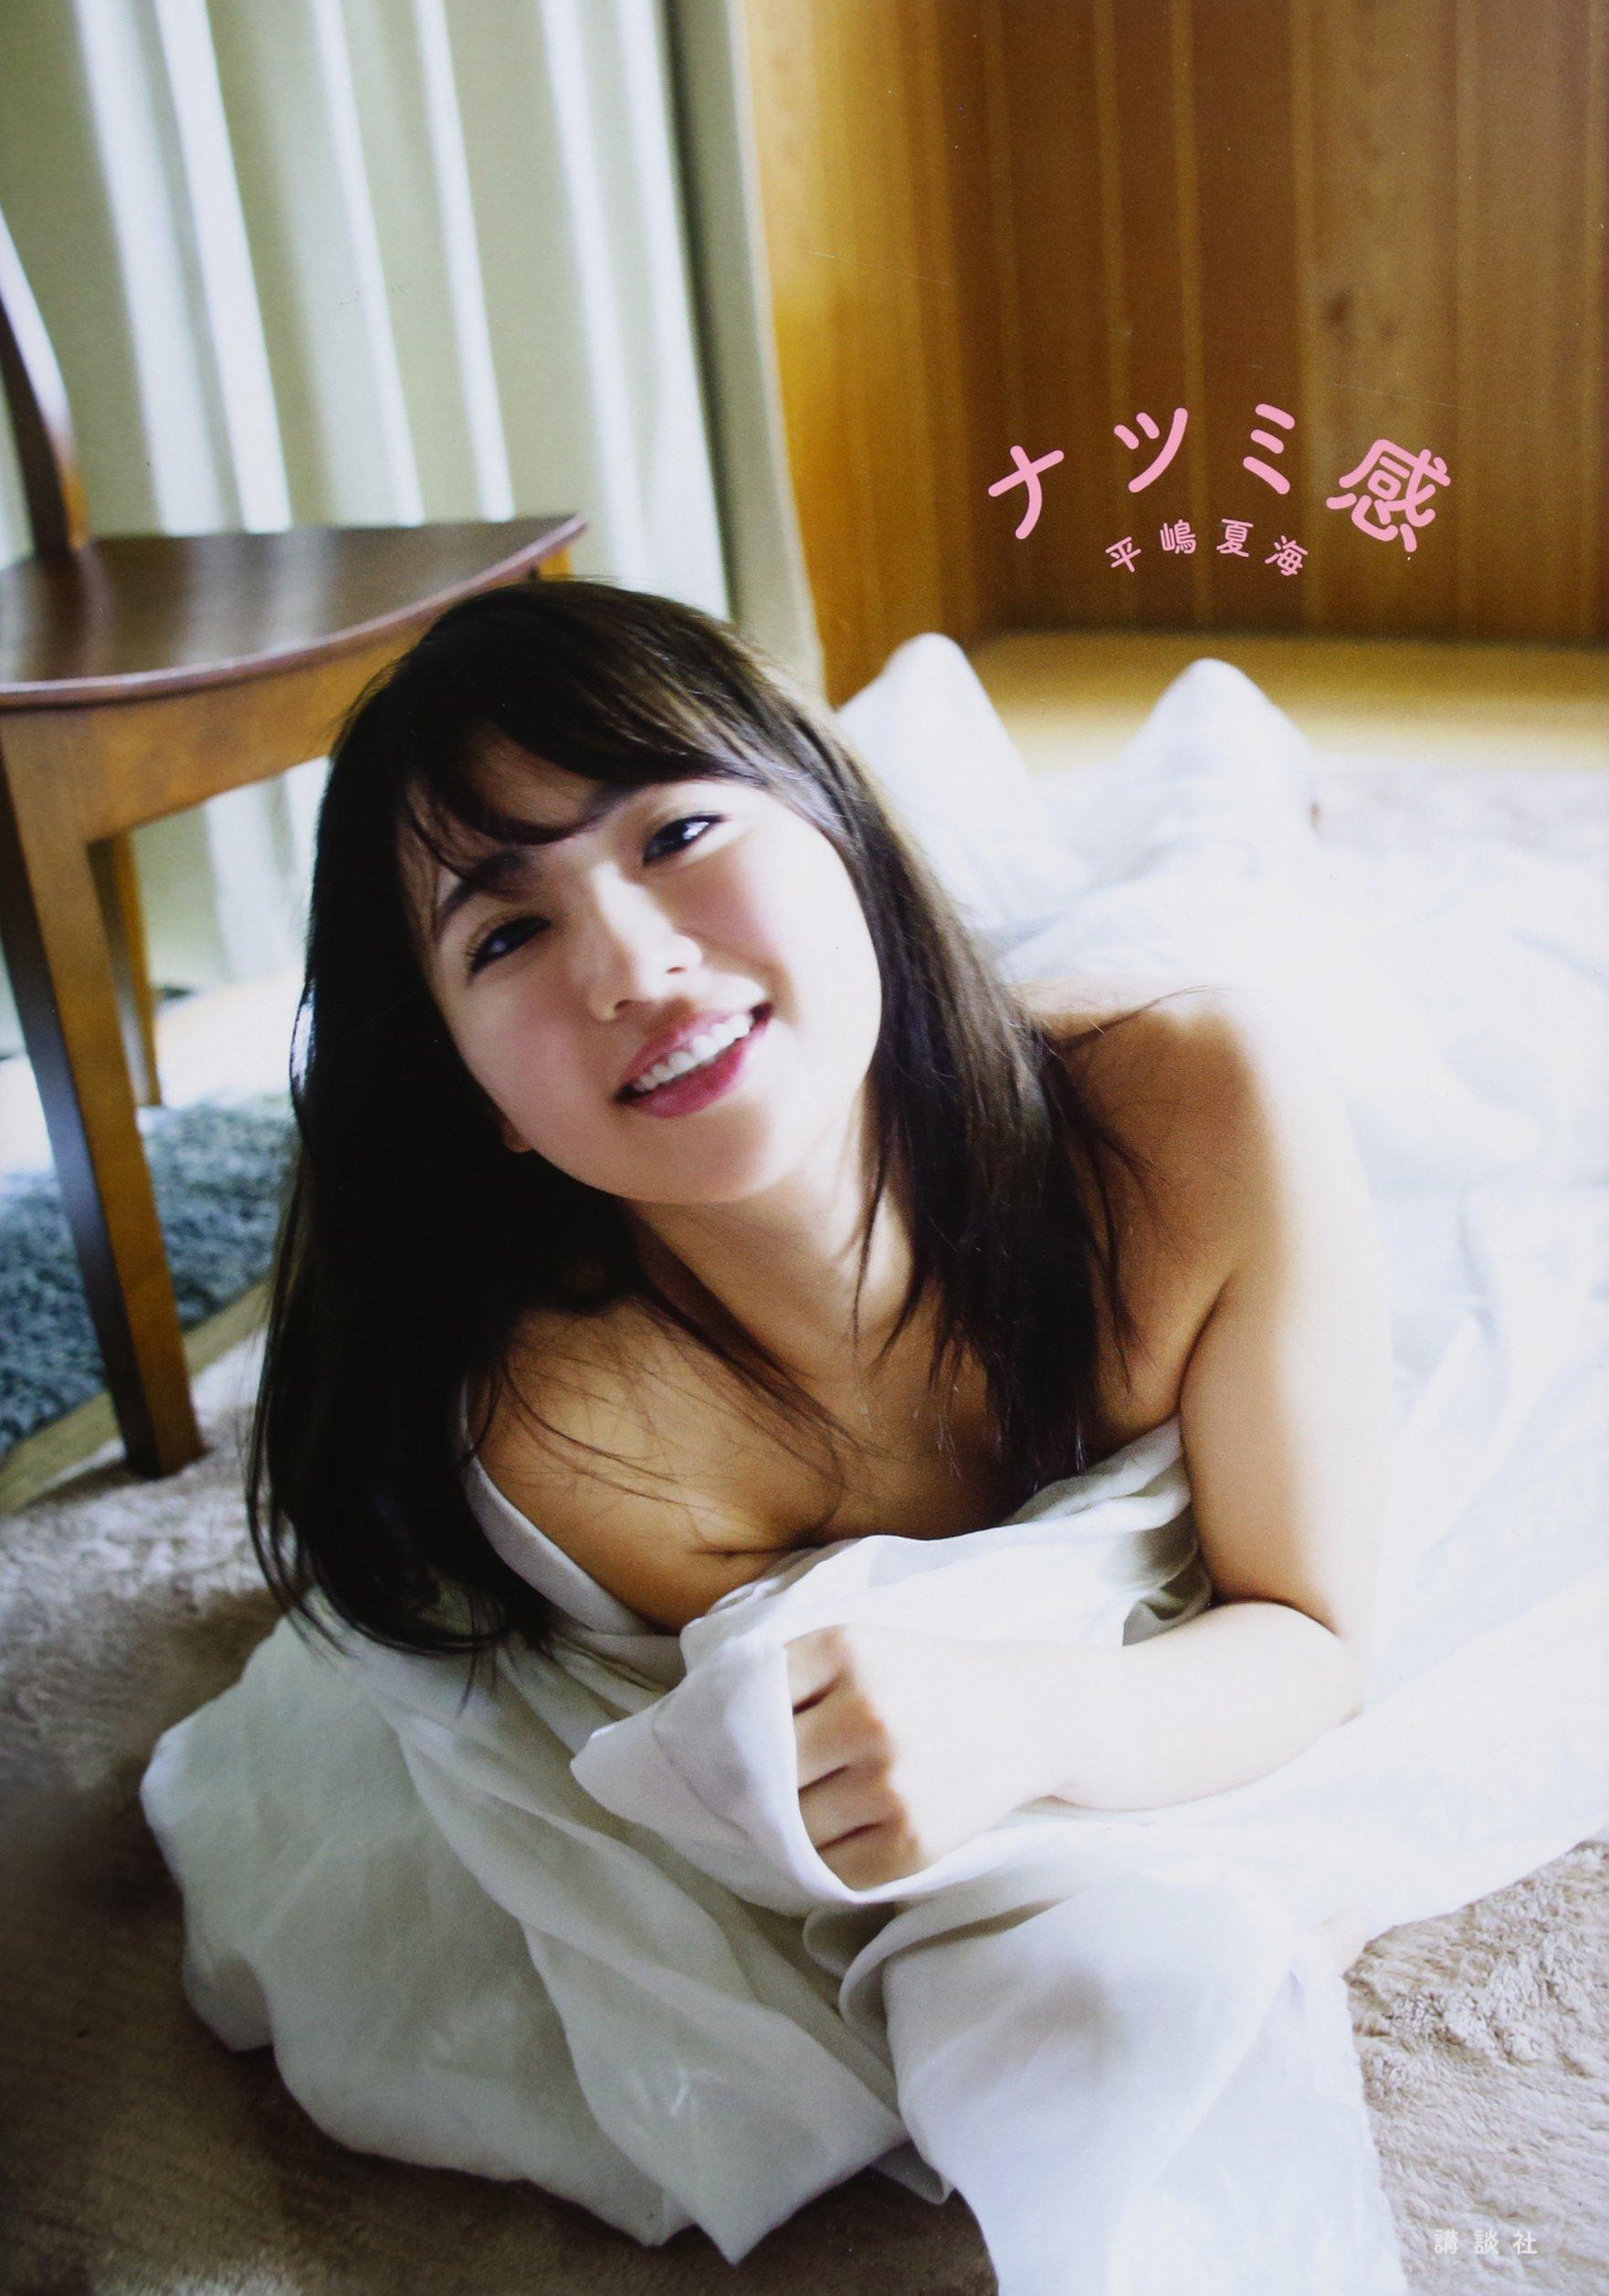 平嶋夏海写真集 ナツミ感 ジャケット 表